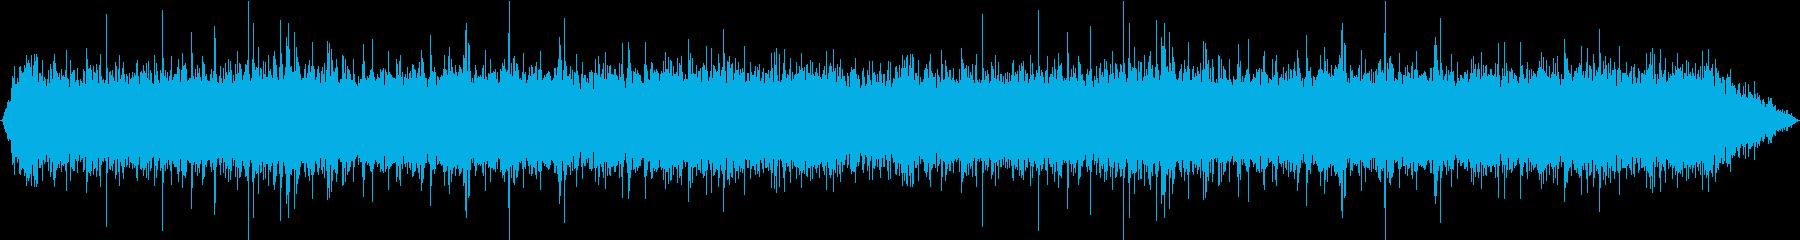 雨の再生済みの波形